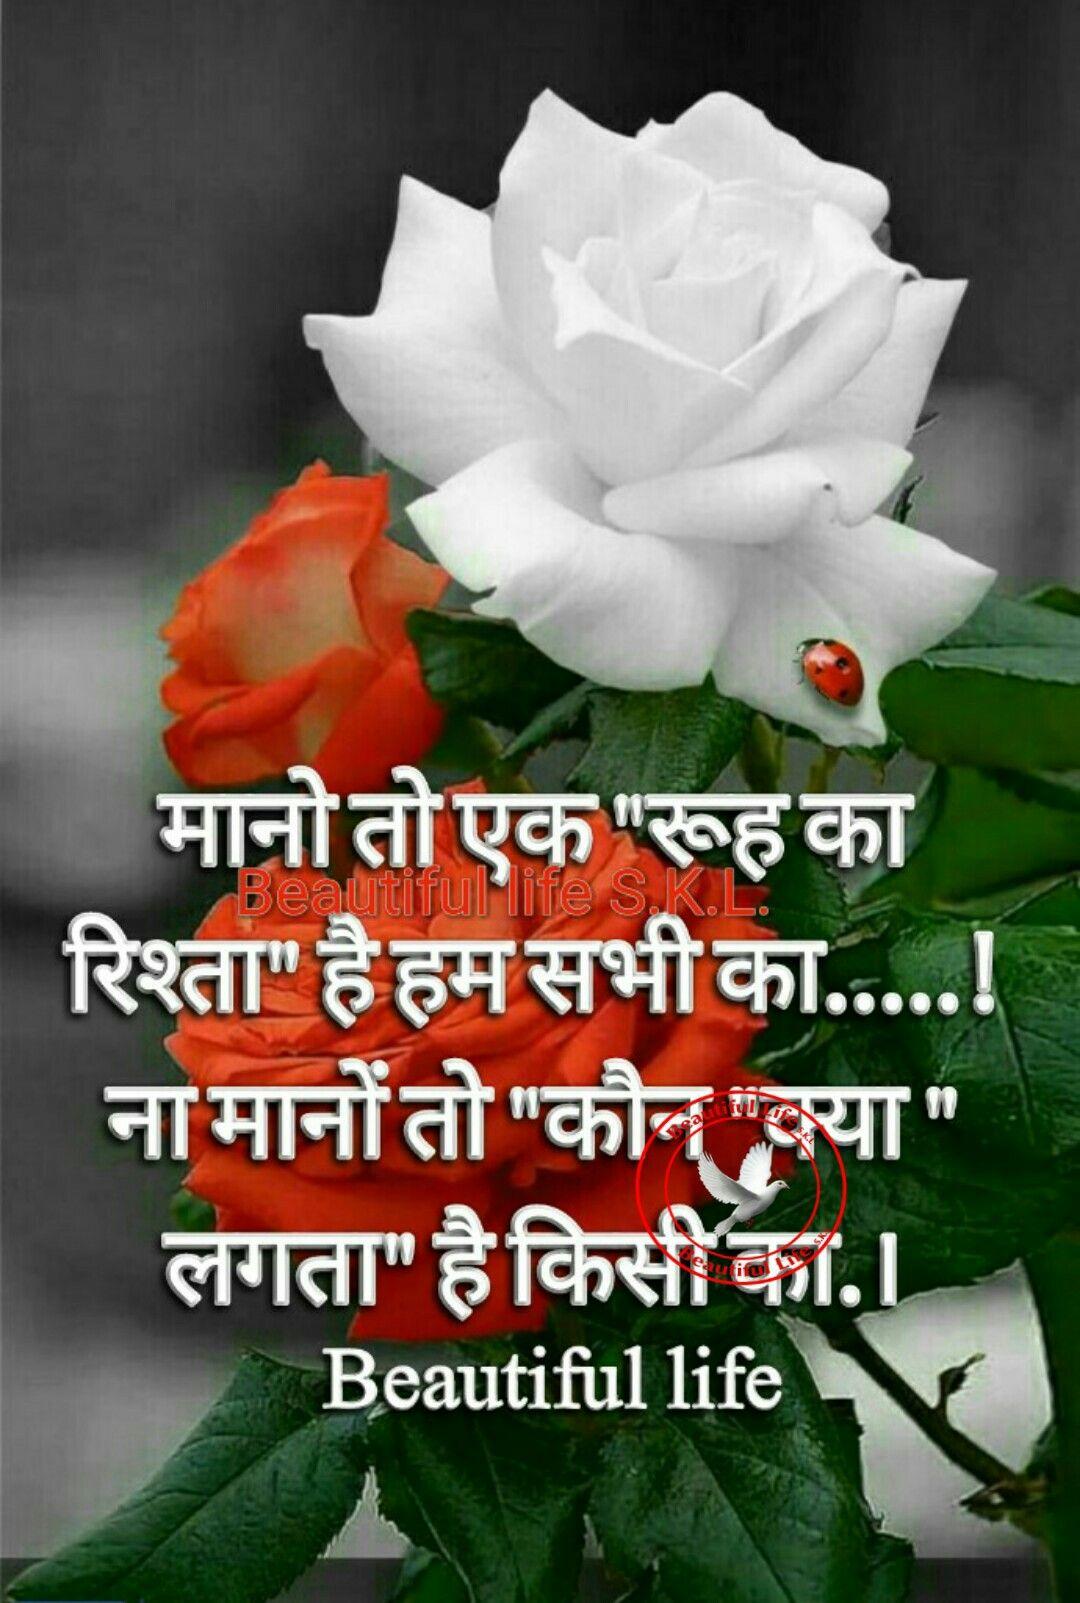 Pin By Anita Jha On Anita Jha Good Morning Quotes Good Morning Inspirational Quotes Hindi Good Morning Quotes